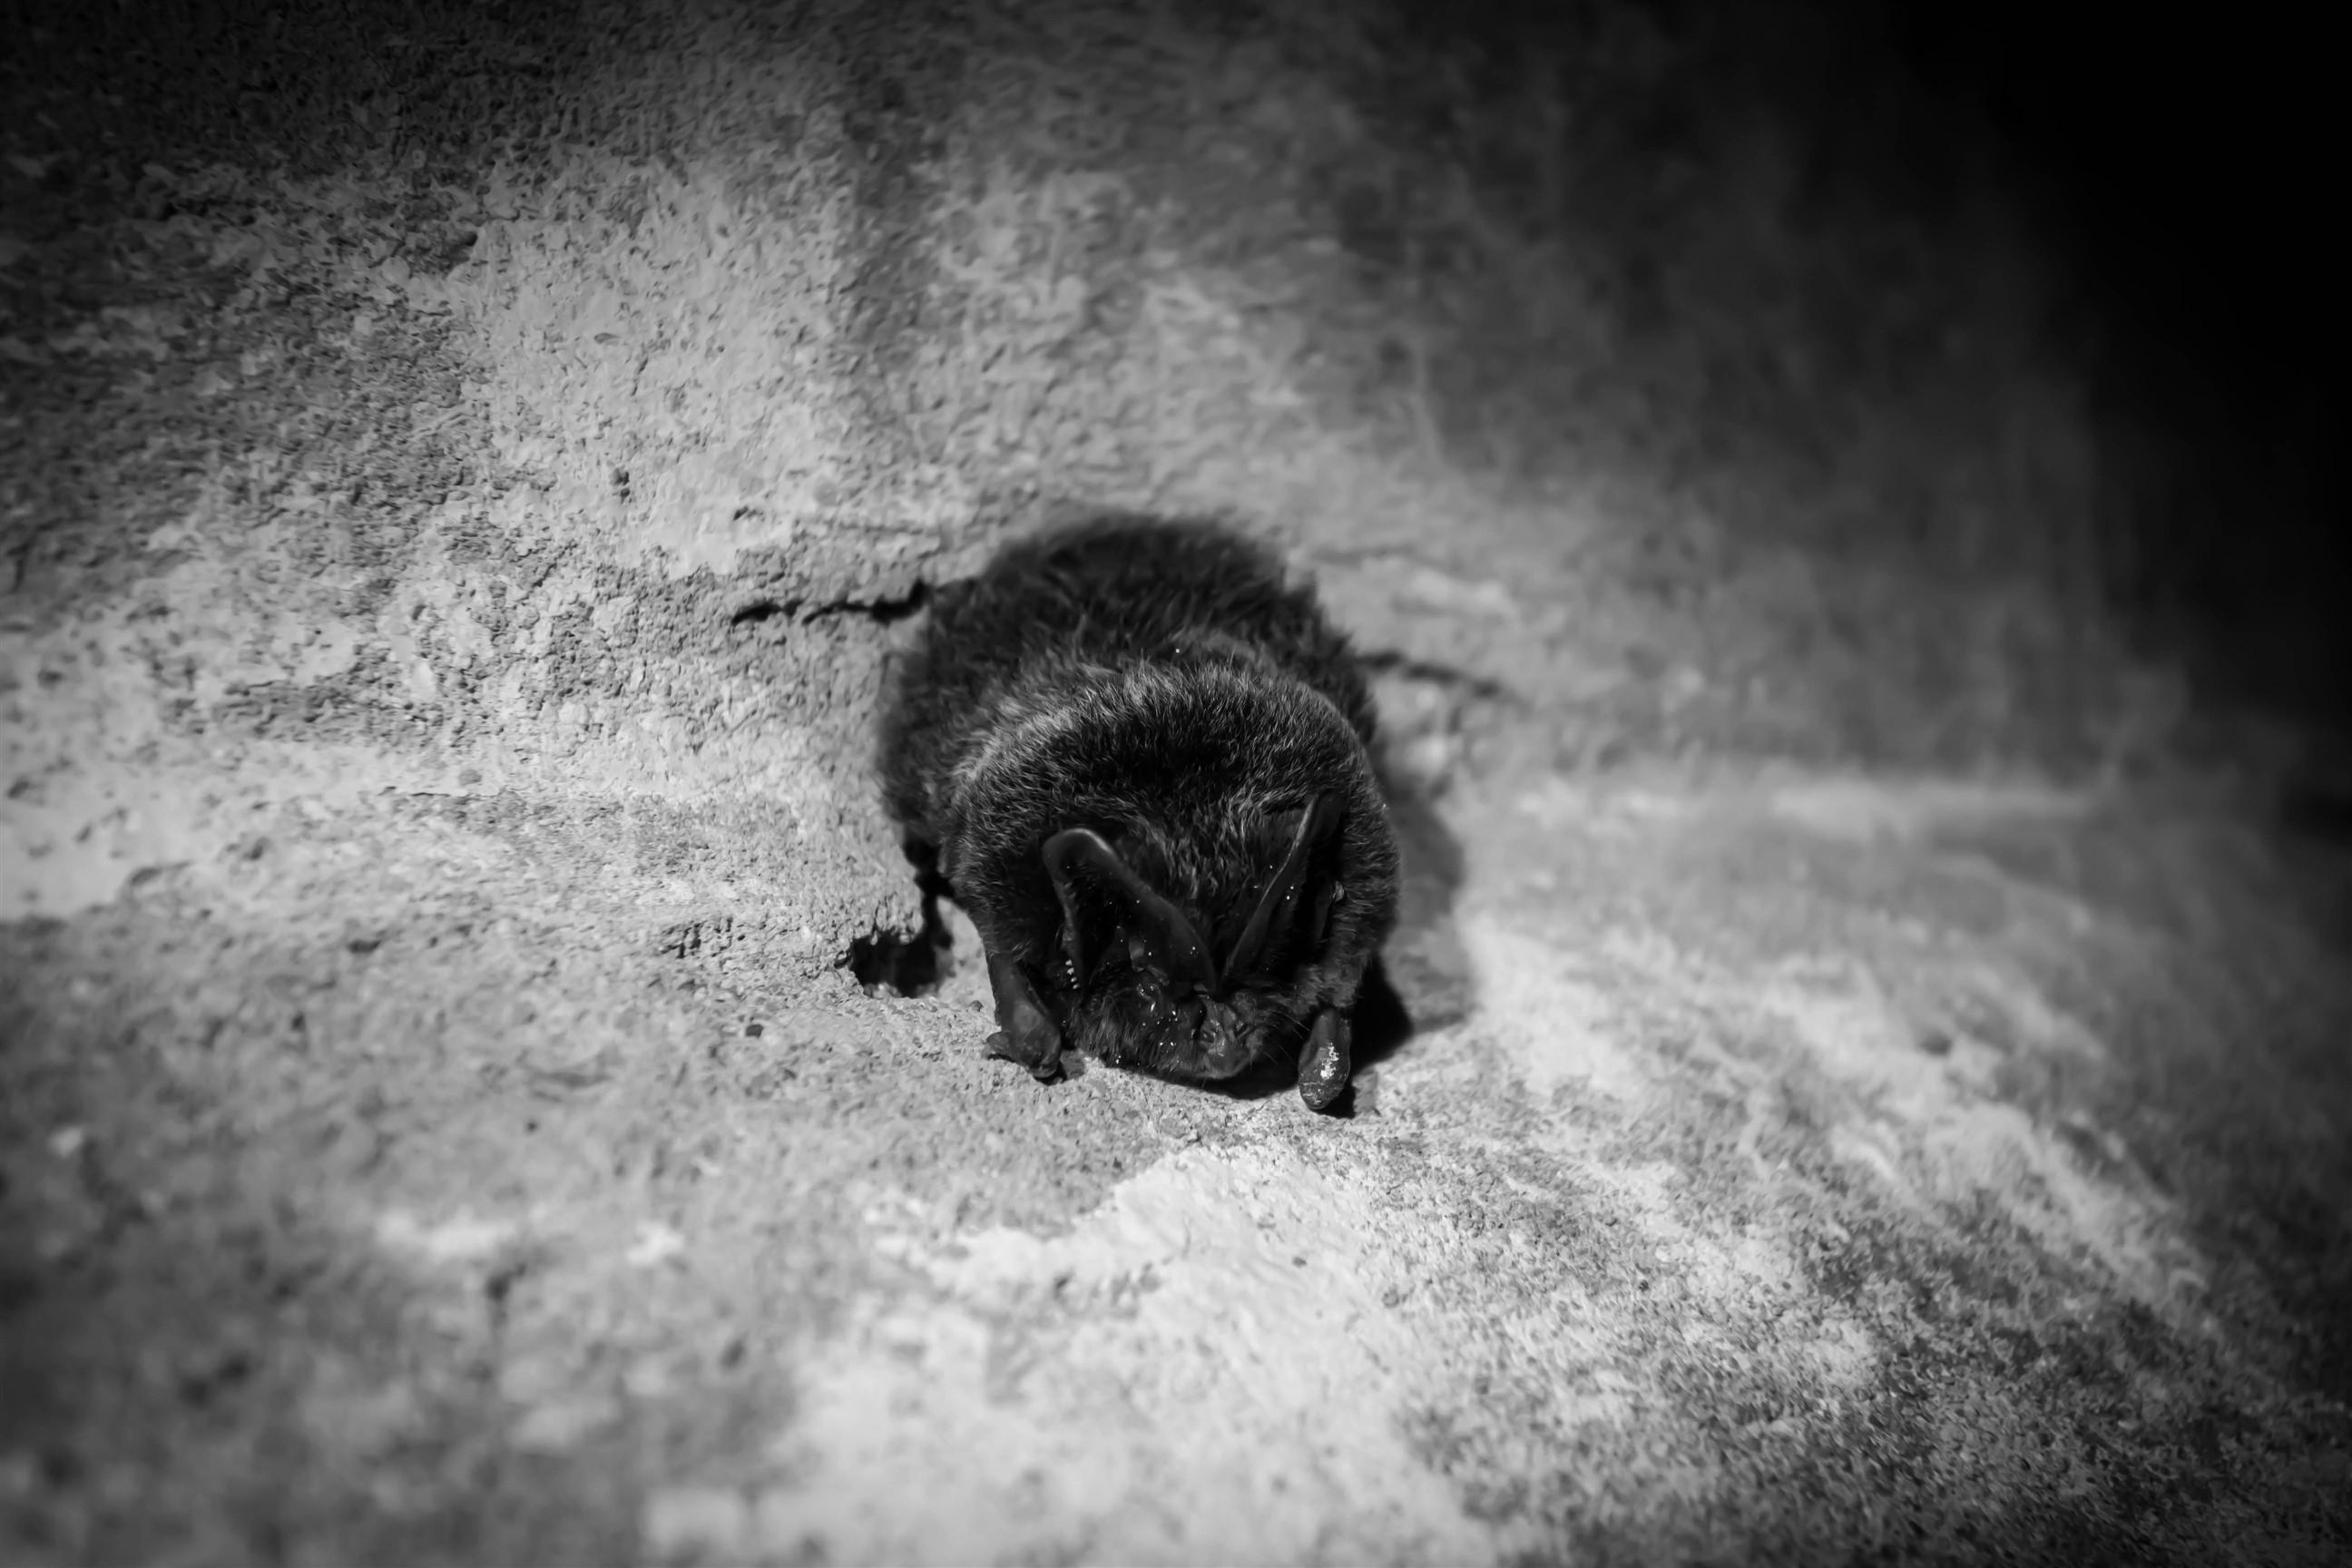 Osamotniony nietoperz